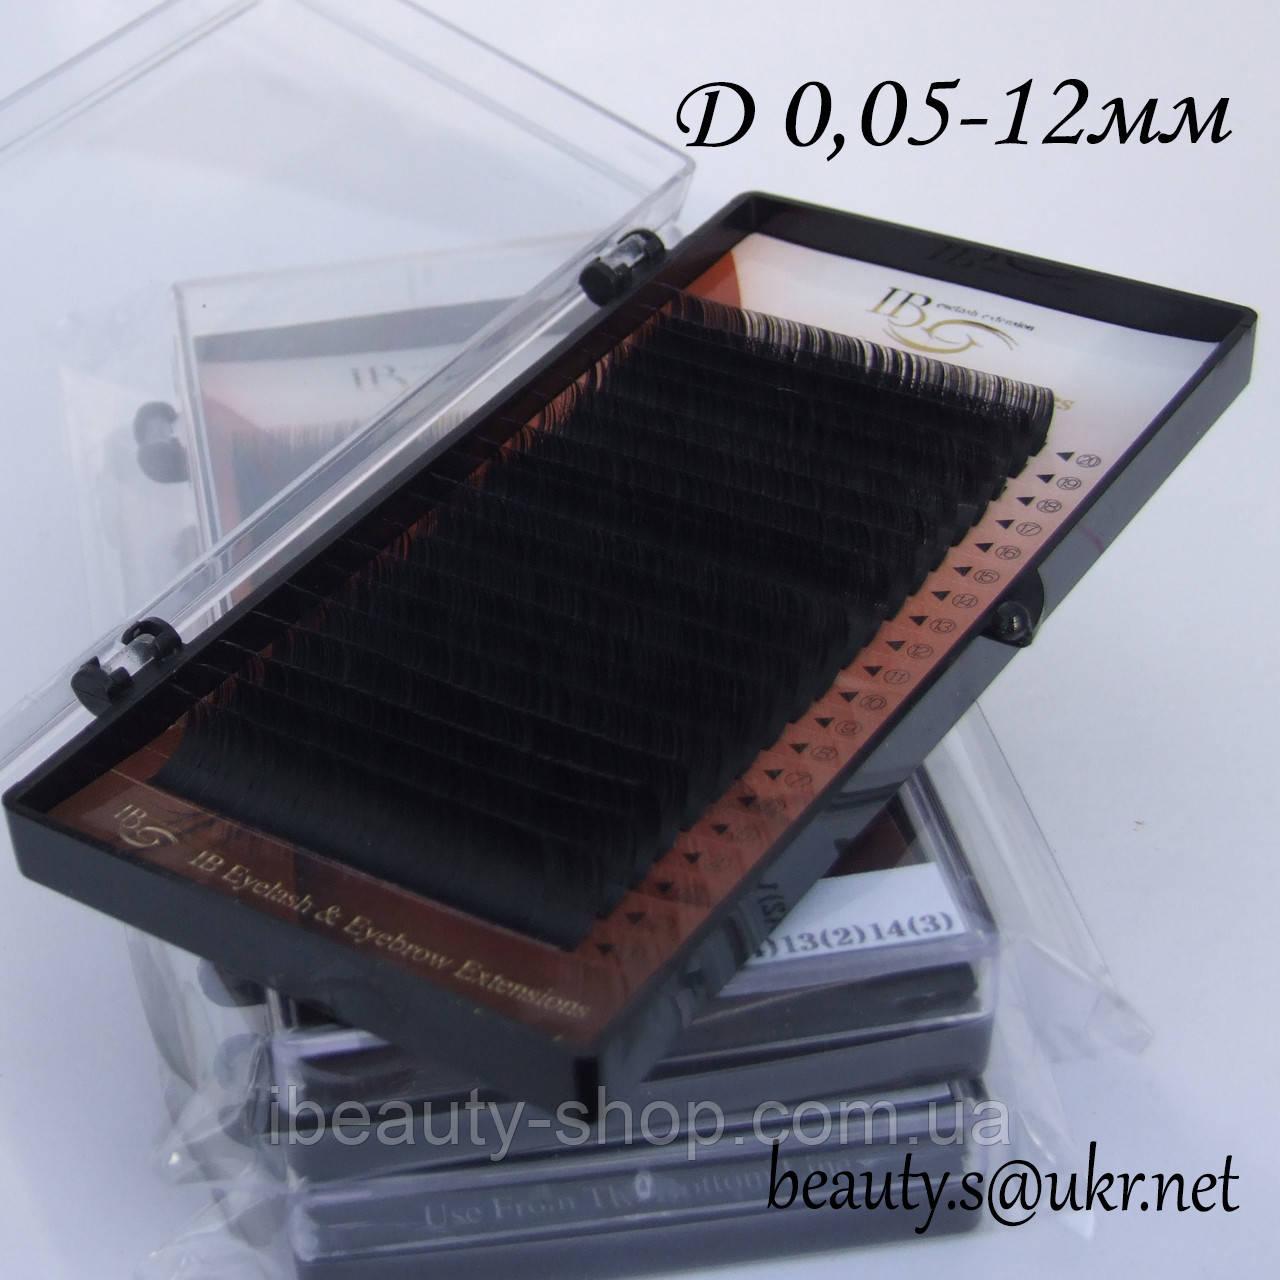 Вії I-Beauty на стрічці D-0,05 12мм